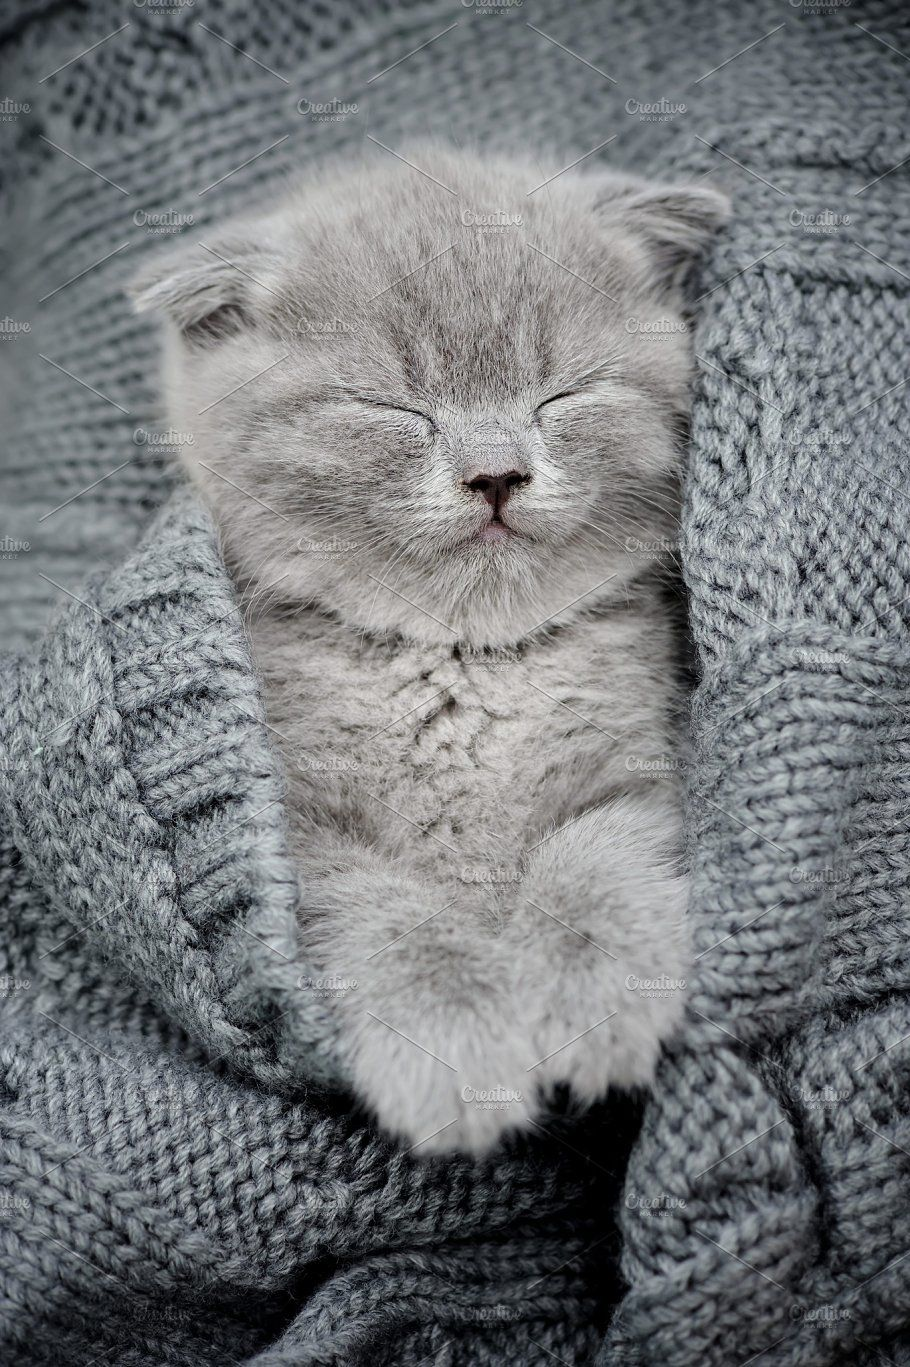 Cute little kitten by Byrdyak on creativemarket Cute